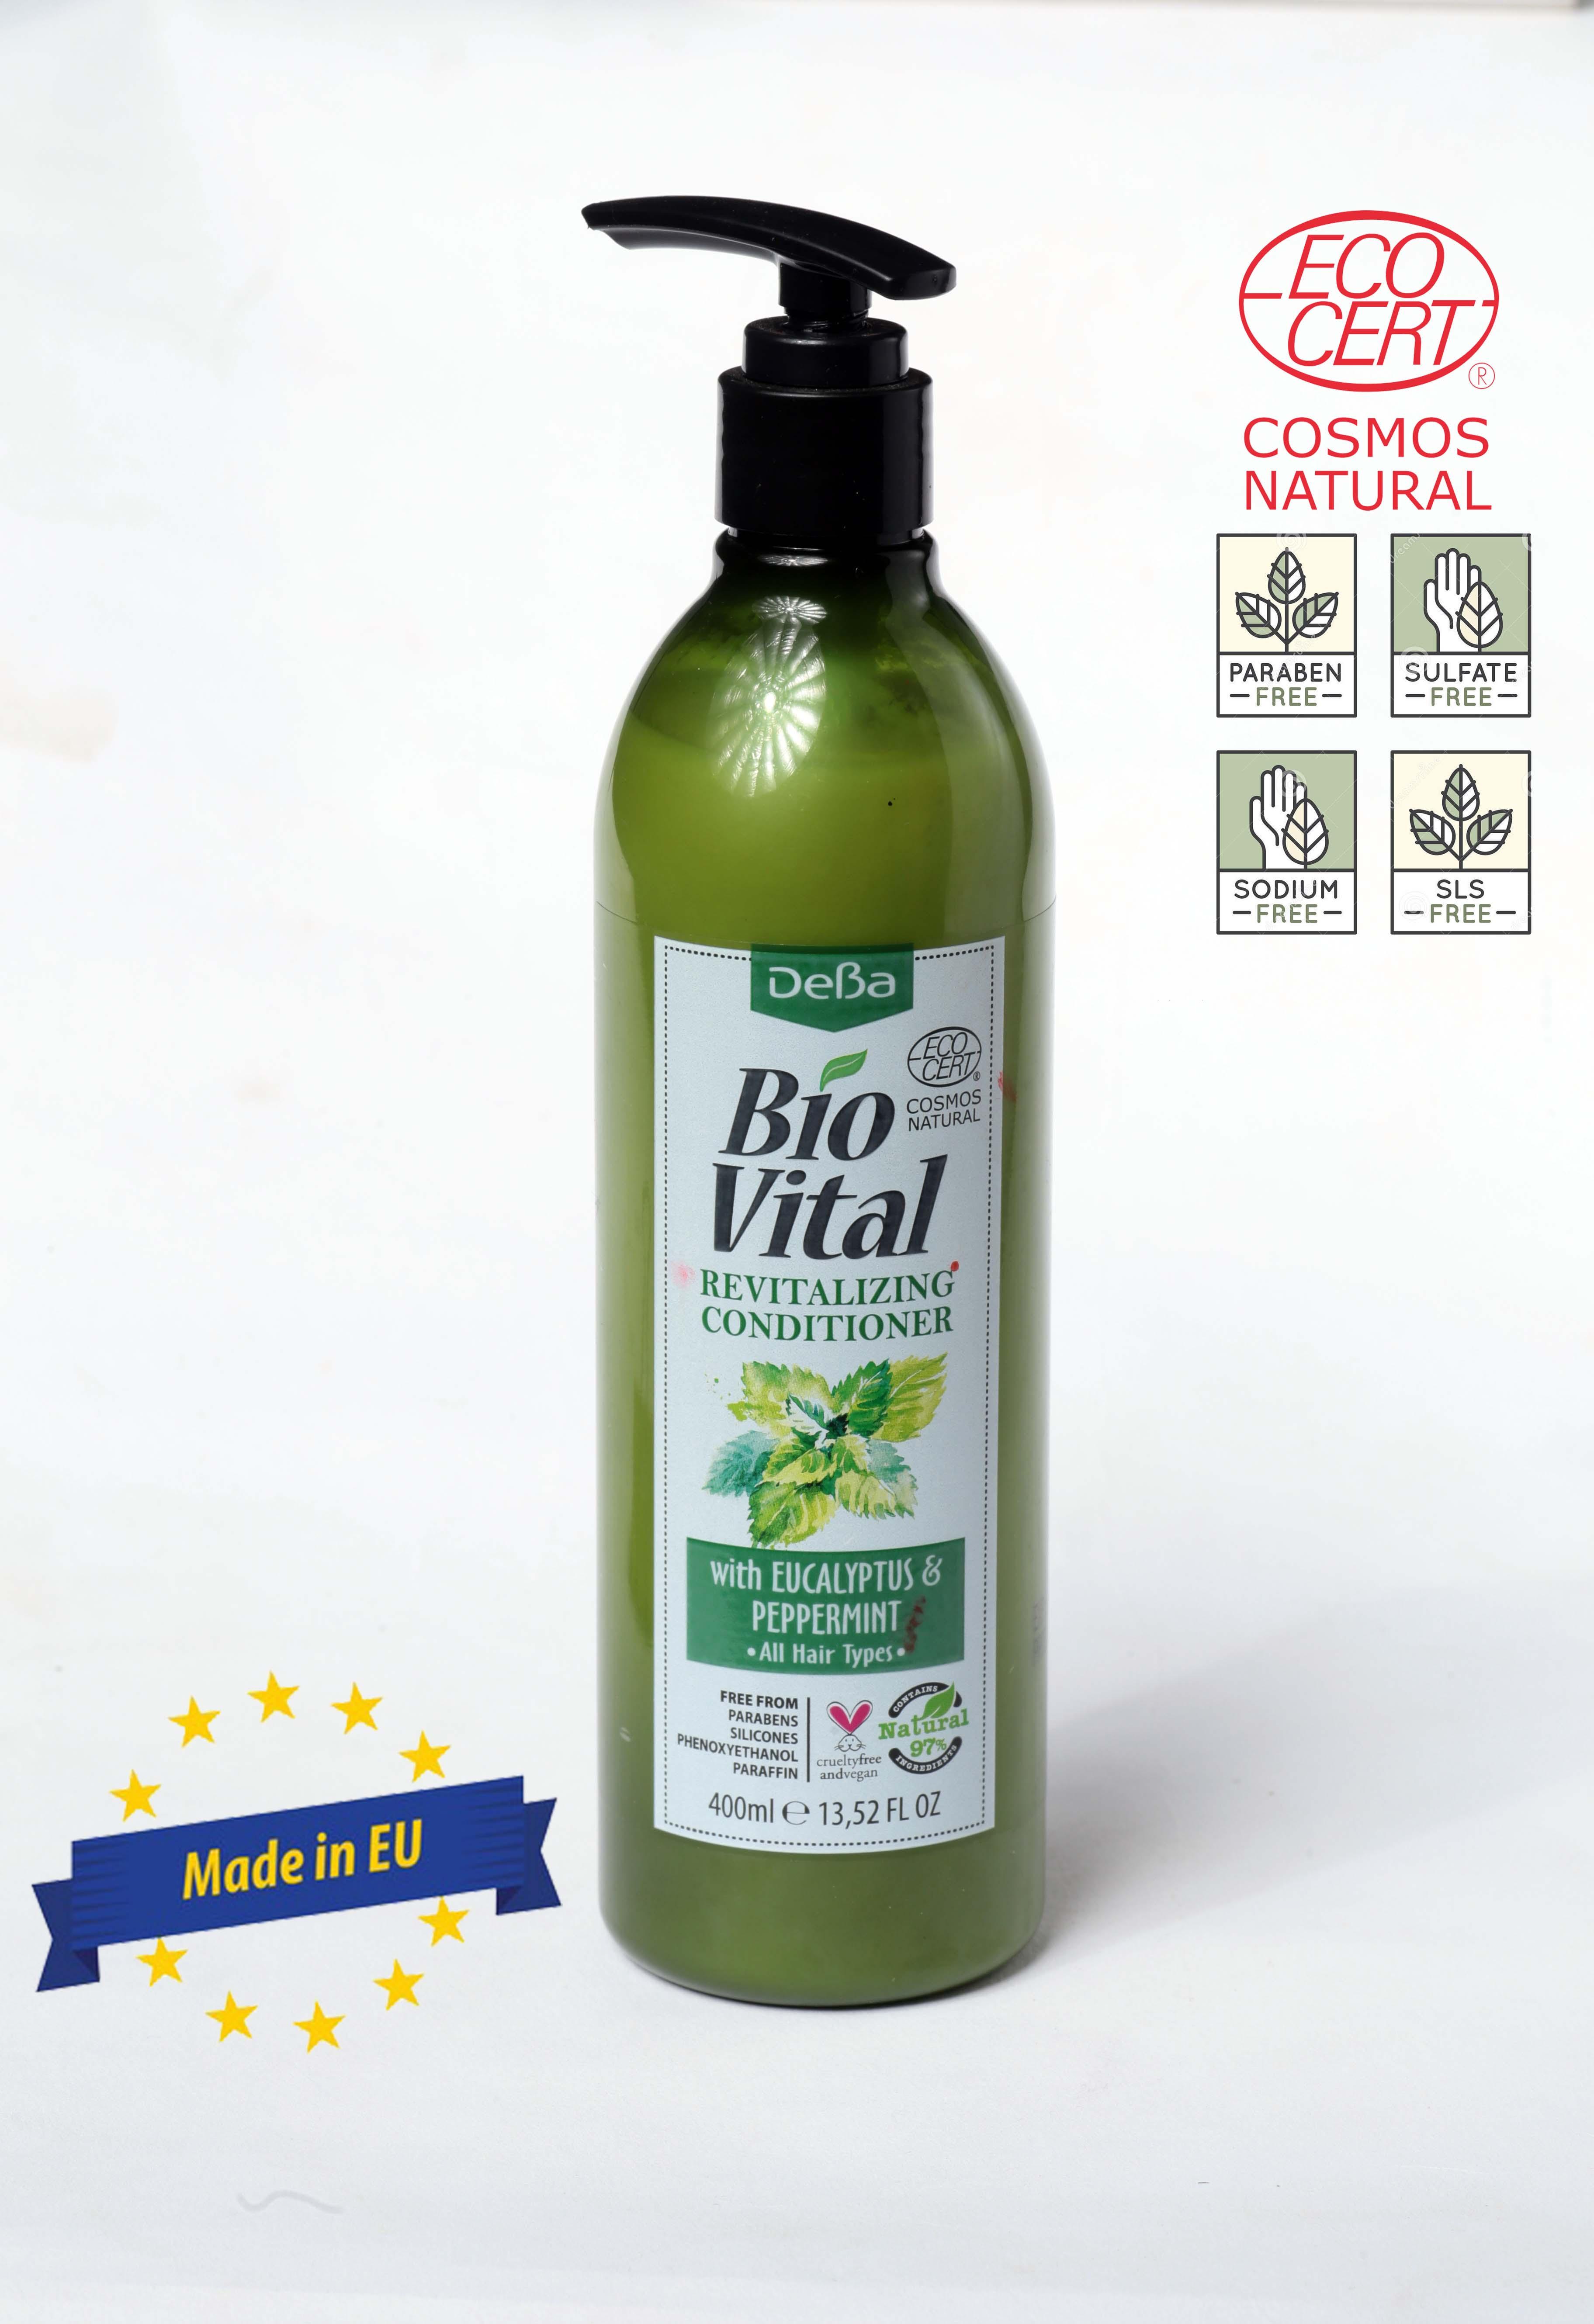 Dầu Xả Hữu Cơ Nhập Khẩu Phục Hồi Ngăn Ngừa Gàu Deba Bio Vital Peppermint & Eucalyptus